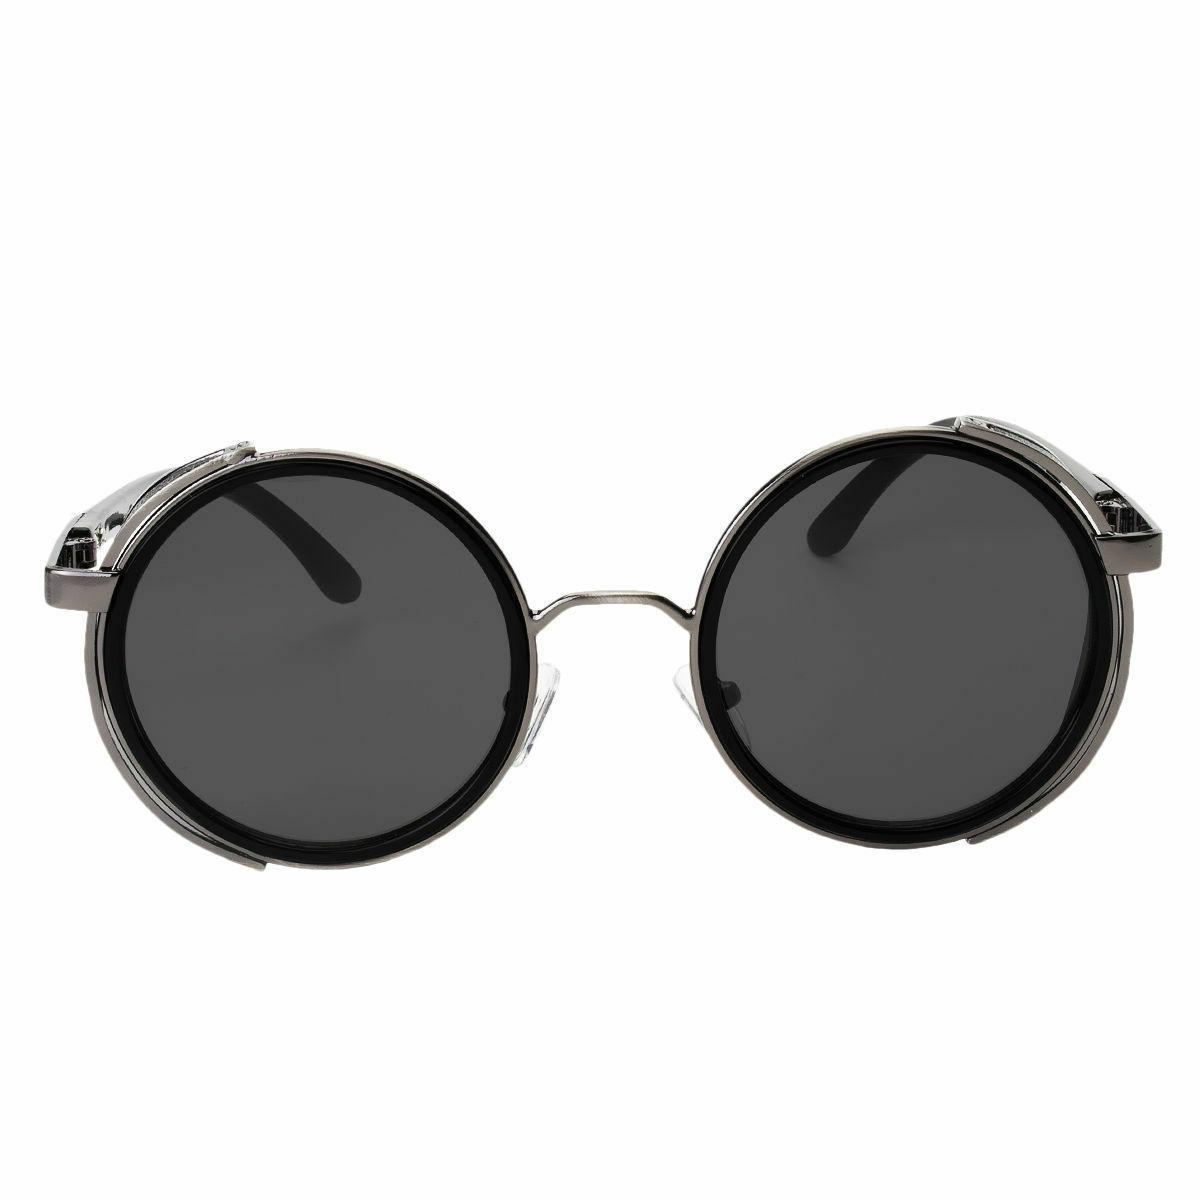 Vintage Retro Sunglasses Goggles Punk Sun Glasses Classic